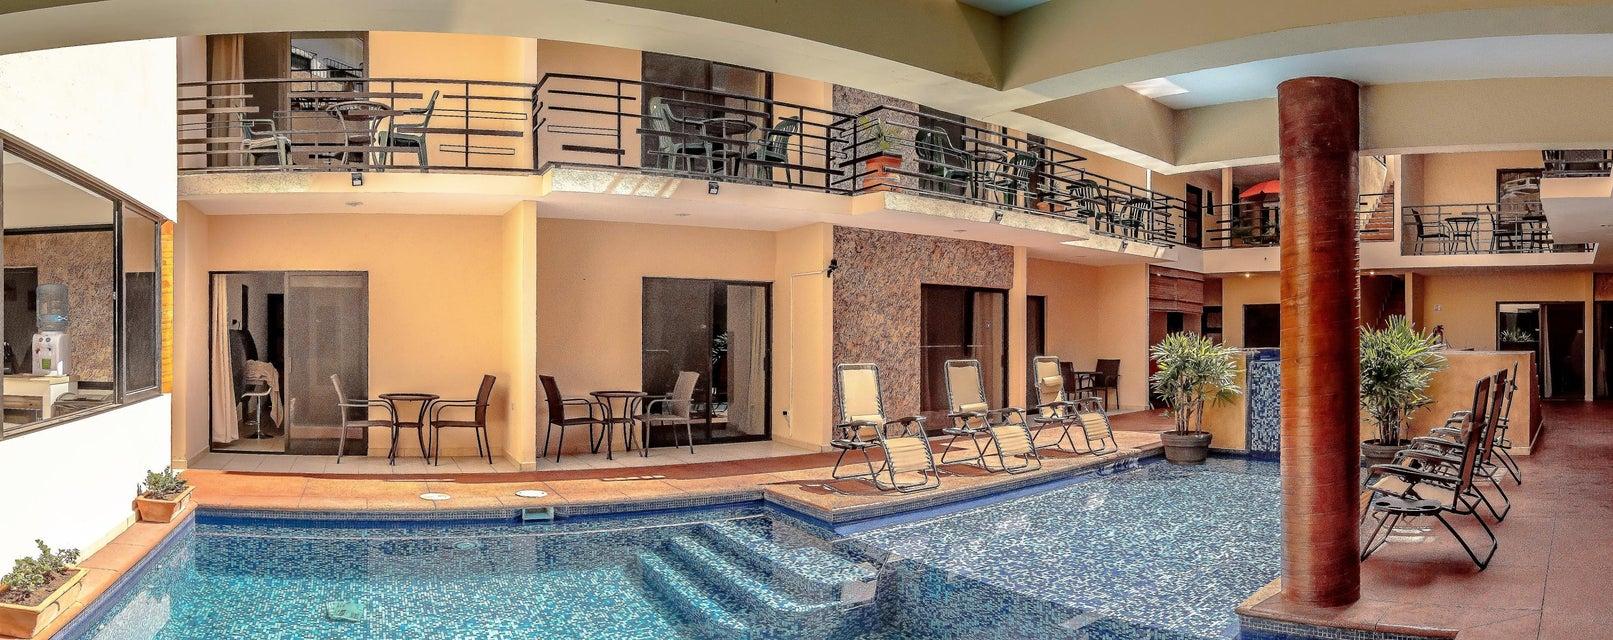 Cabo Pedregal Hotel & Condos-1